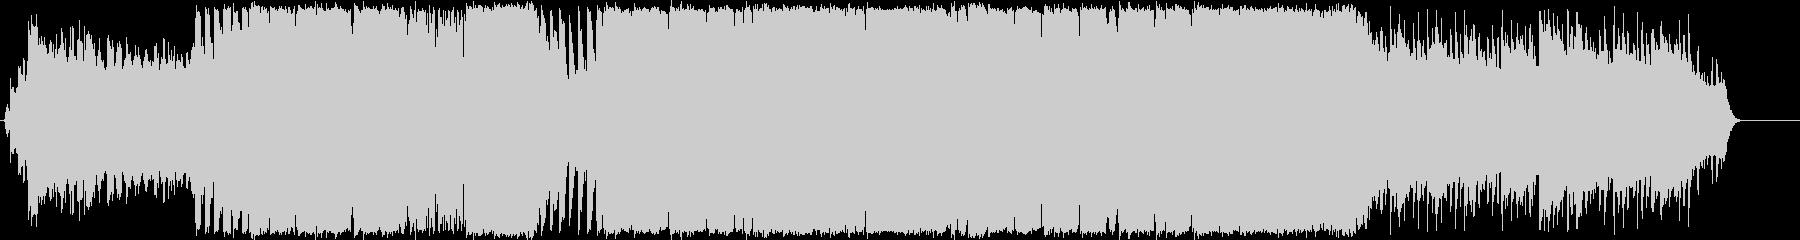 ハッピーバースデー、Houseアレンジの未再生の波形